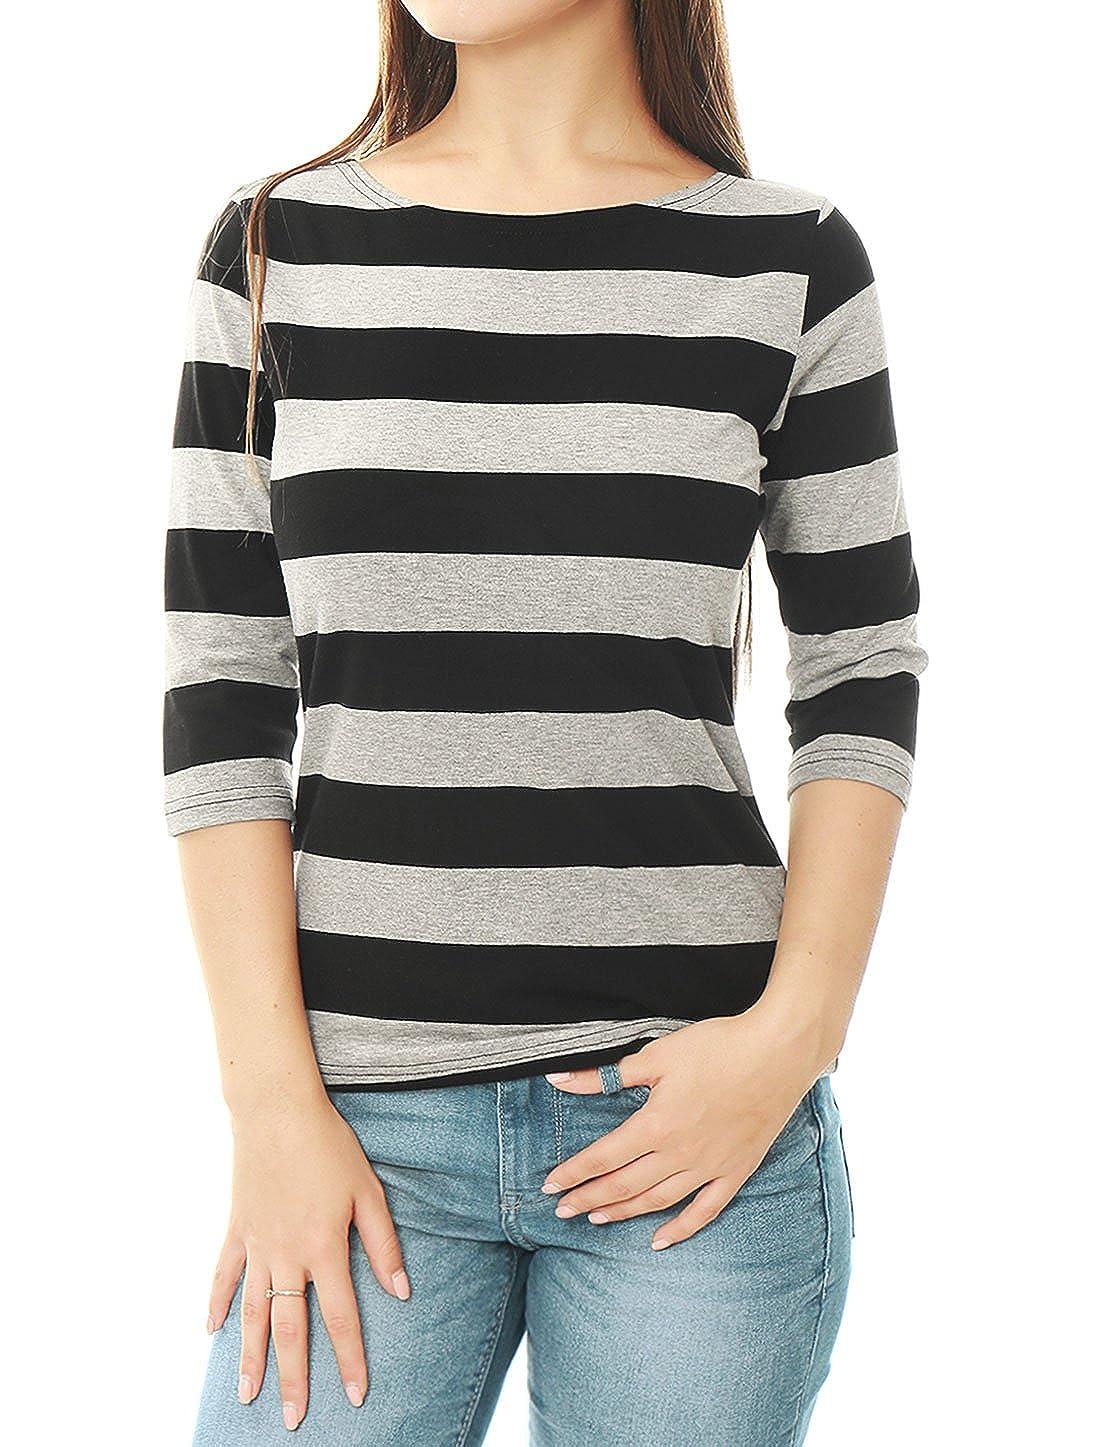 Allegra K Women's Elbow Sleeves Boat Neck Slim Fit Striped Tee s18040800it0243